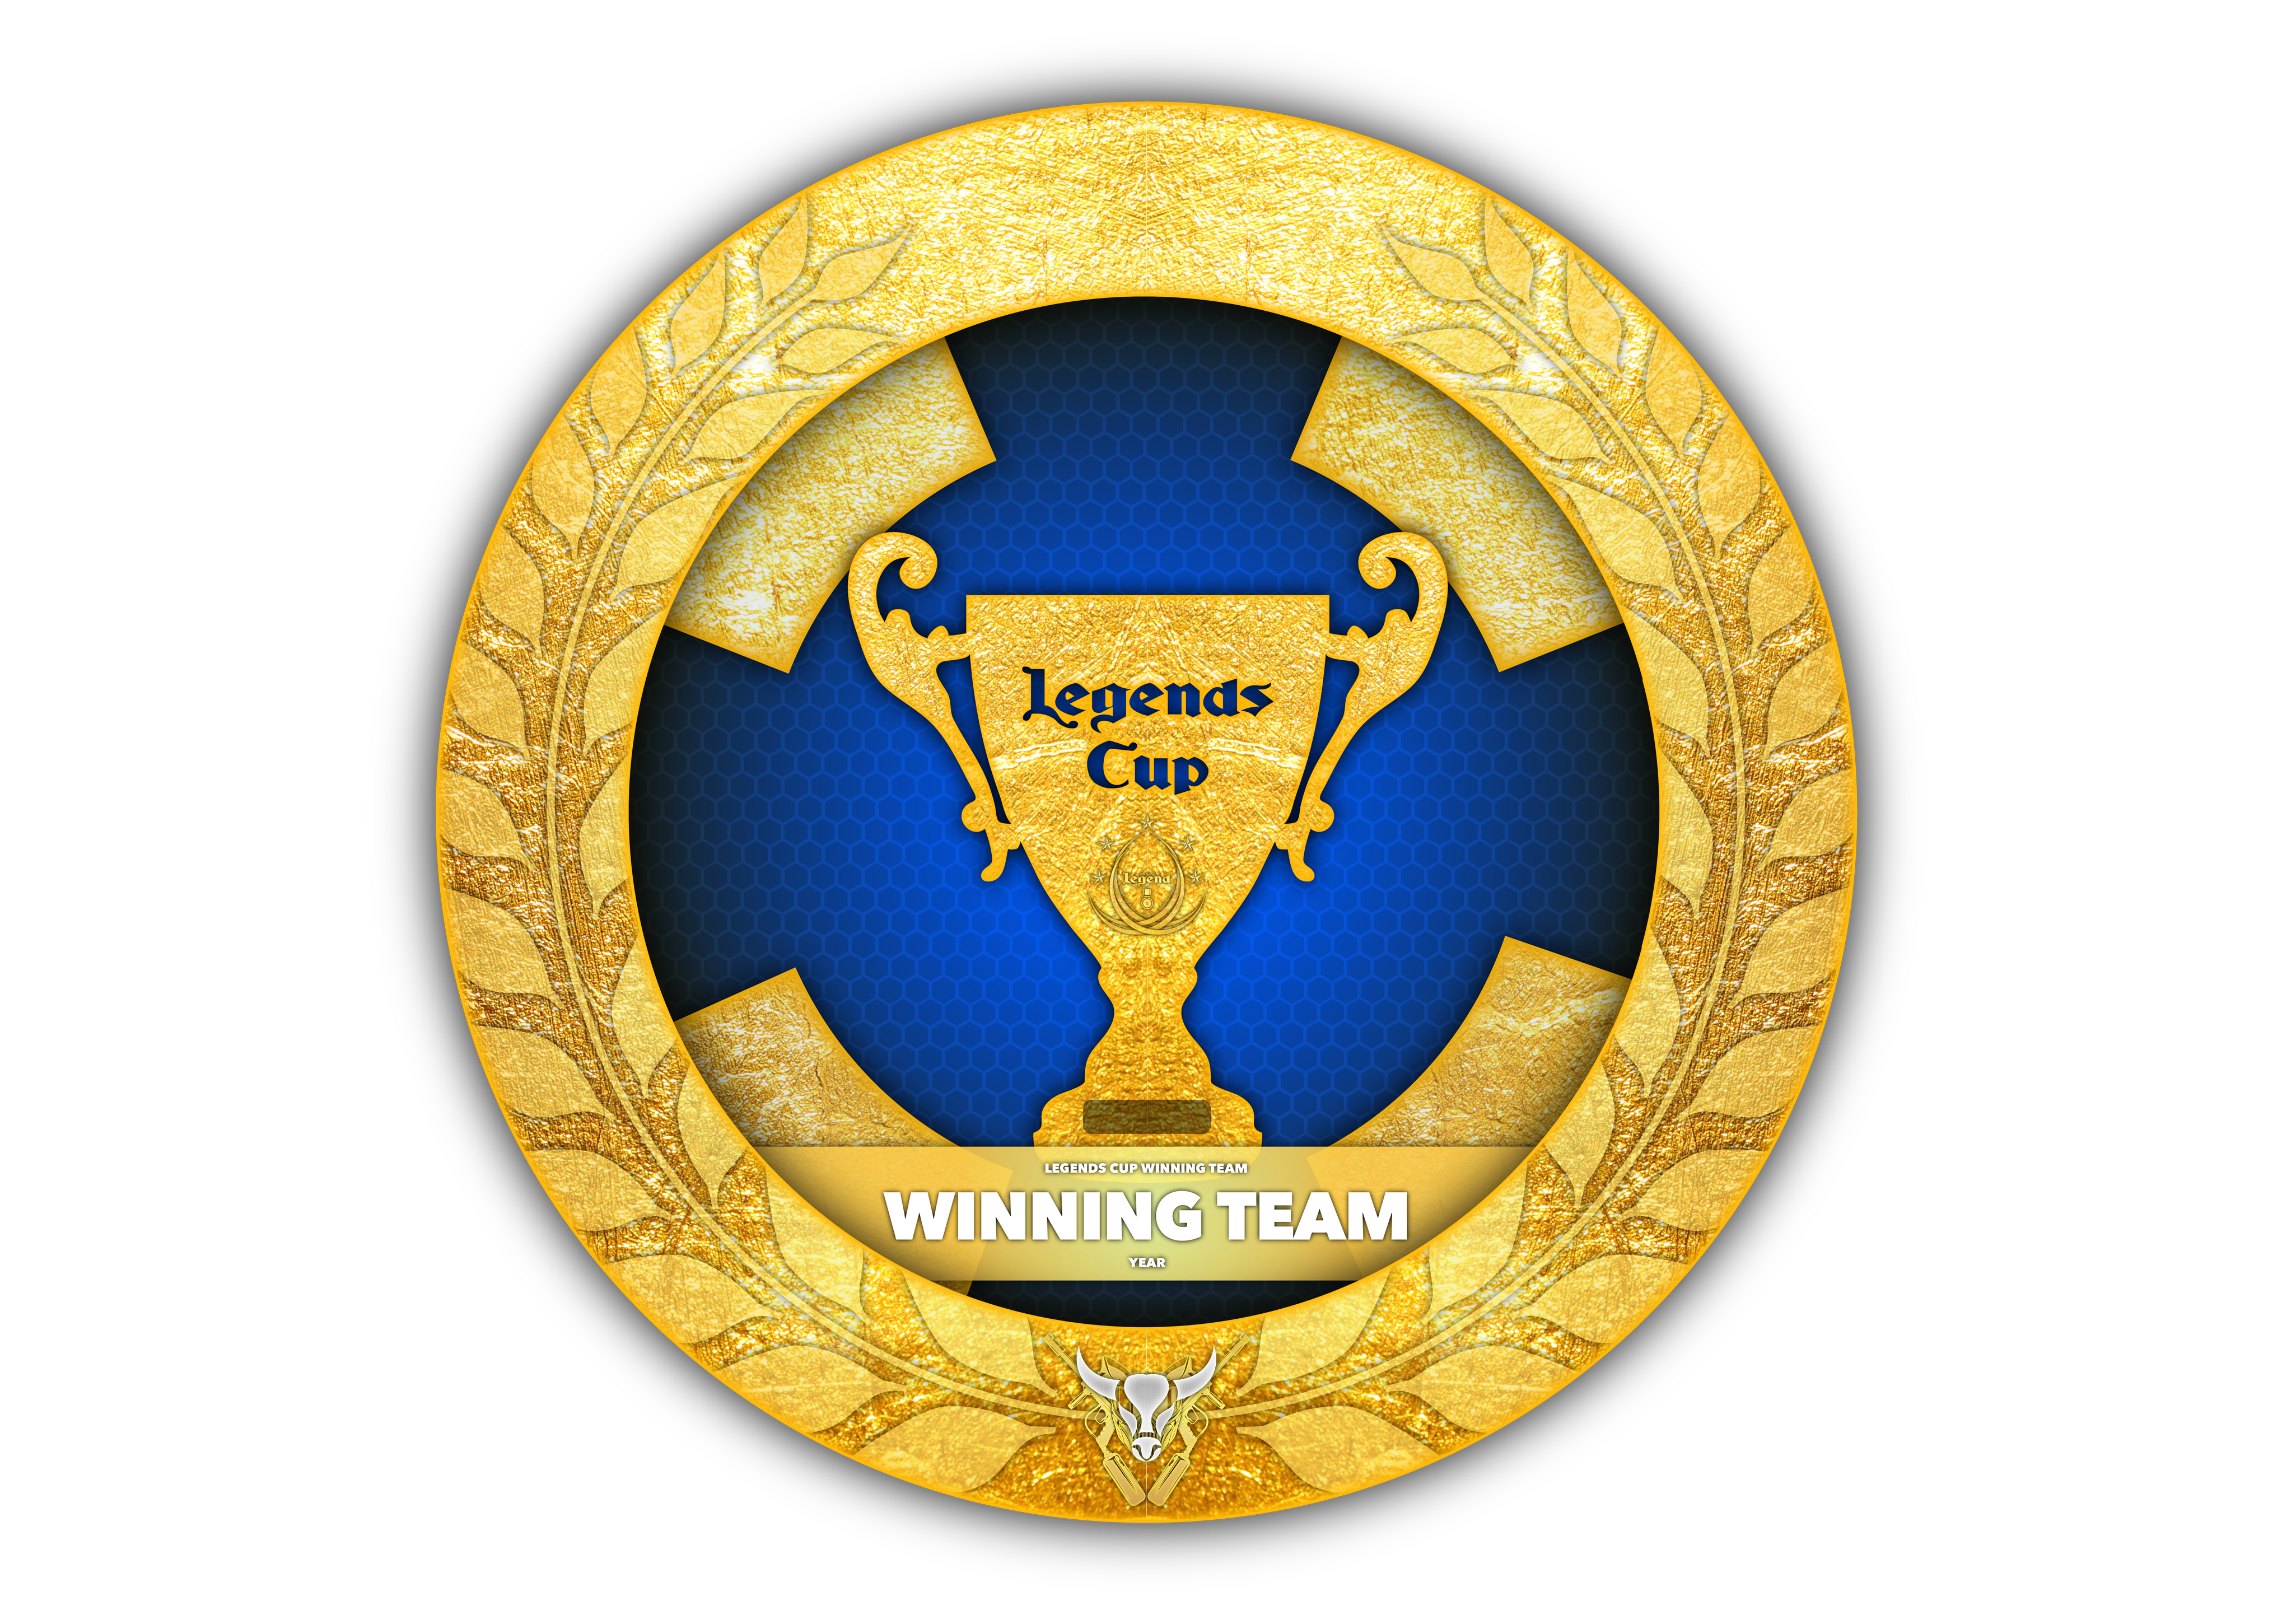 Legends Cup Winning Team